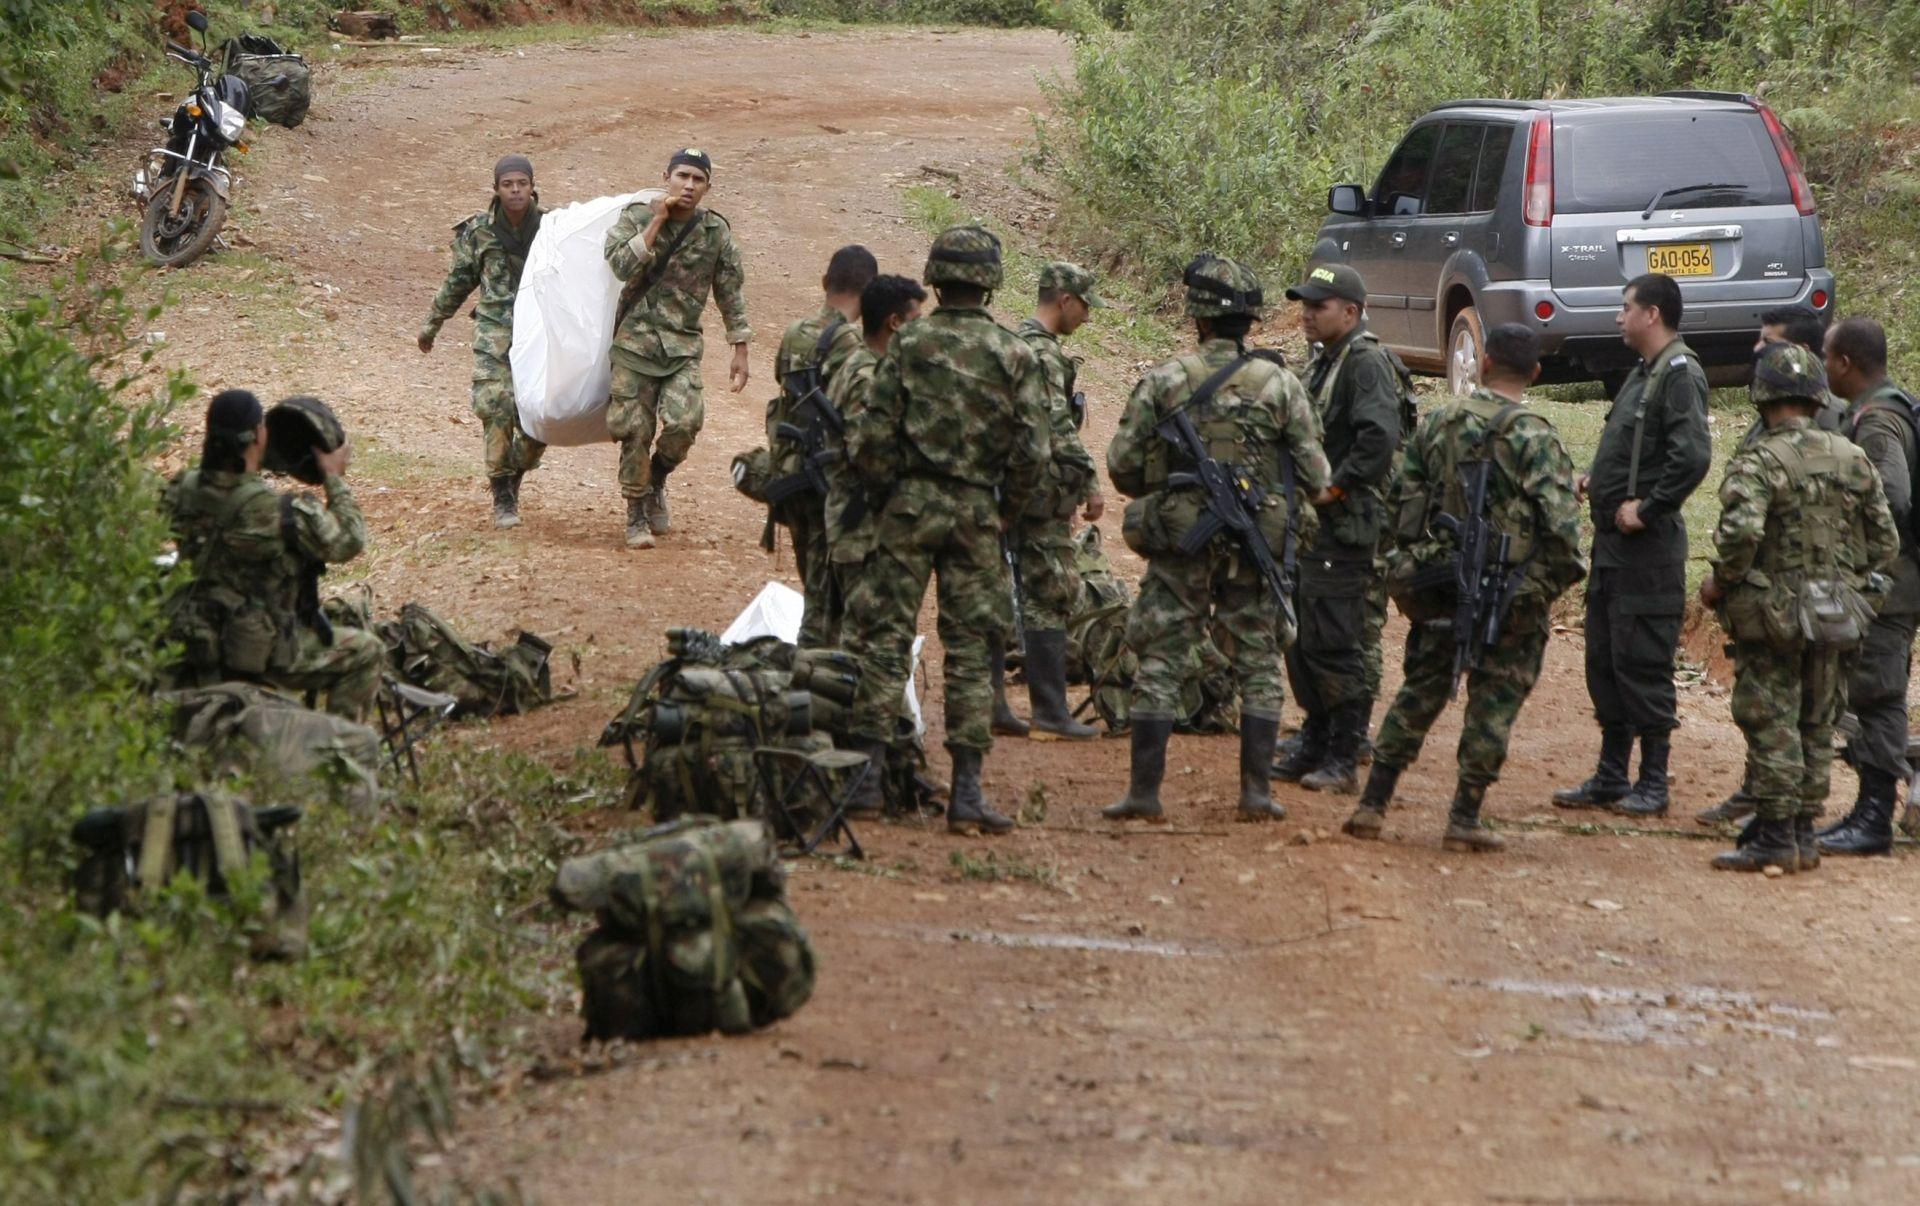 PREKRŠENO PRIMIRJE: U Kolumbiji ubijena dvojica pobunjenika FARC-a